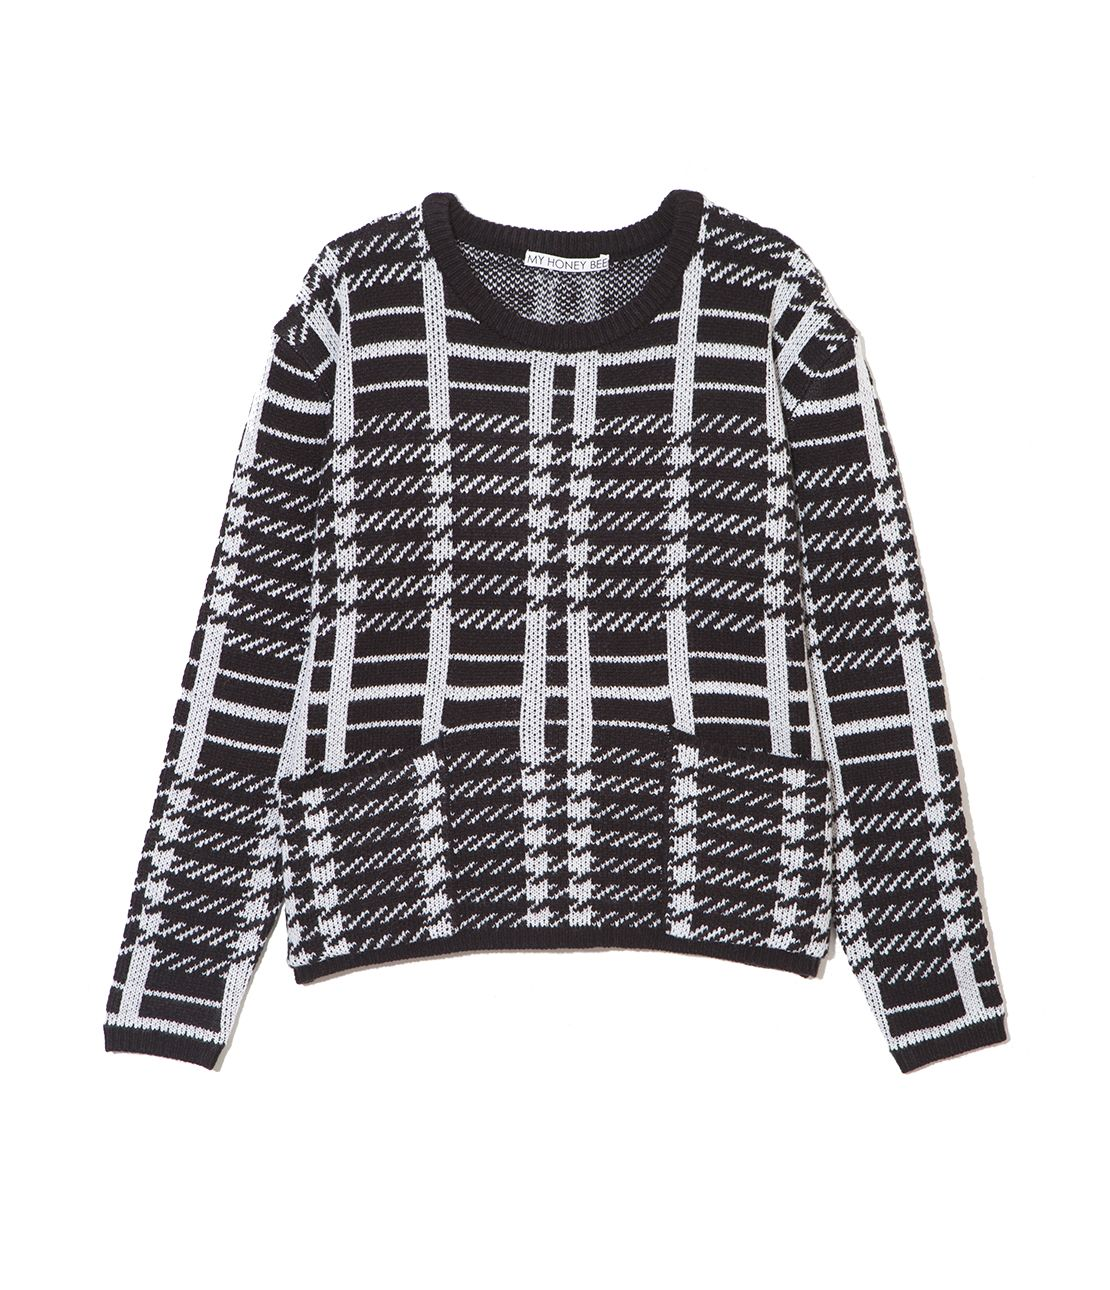 MHB big pocket knit top